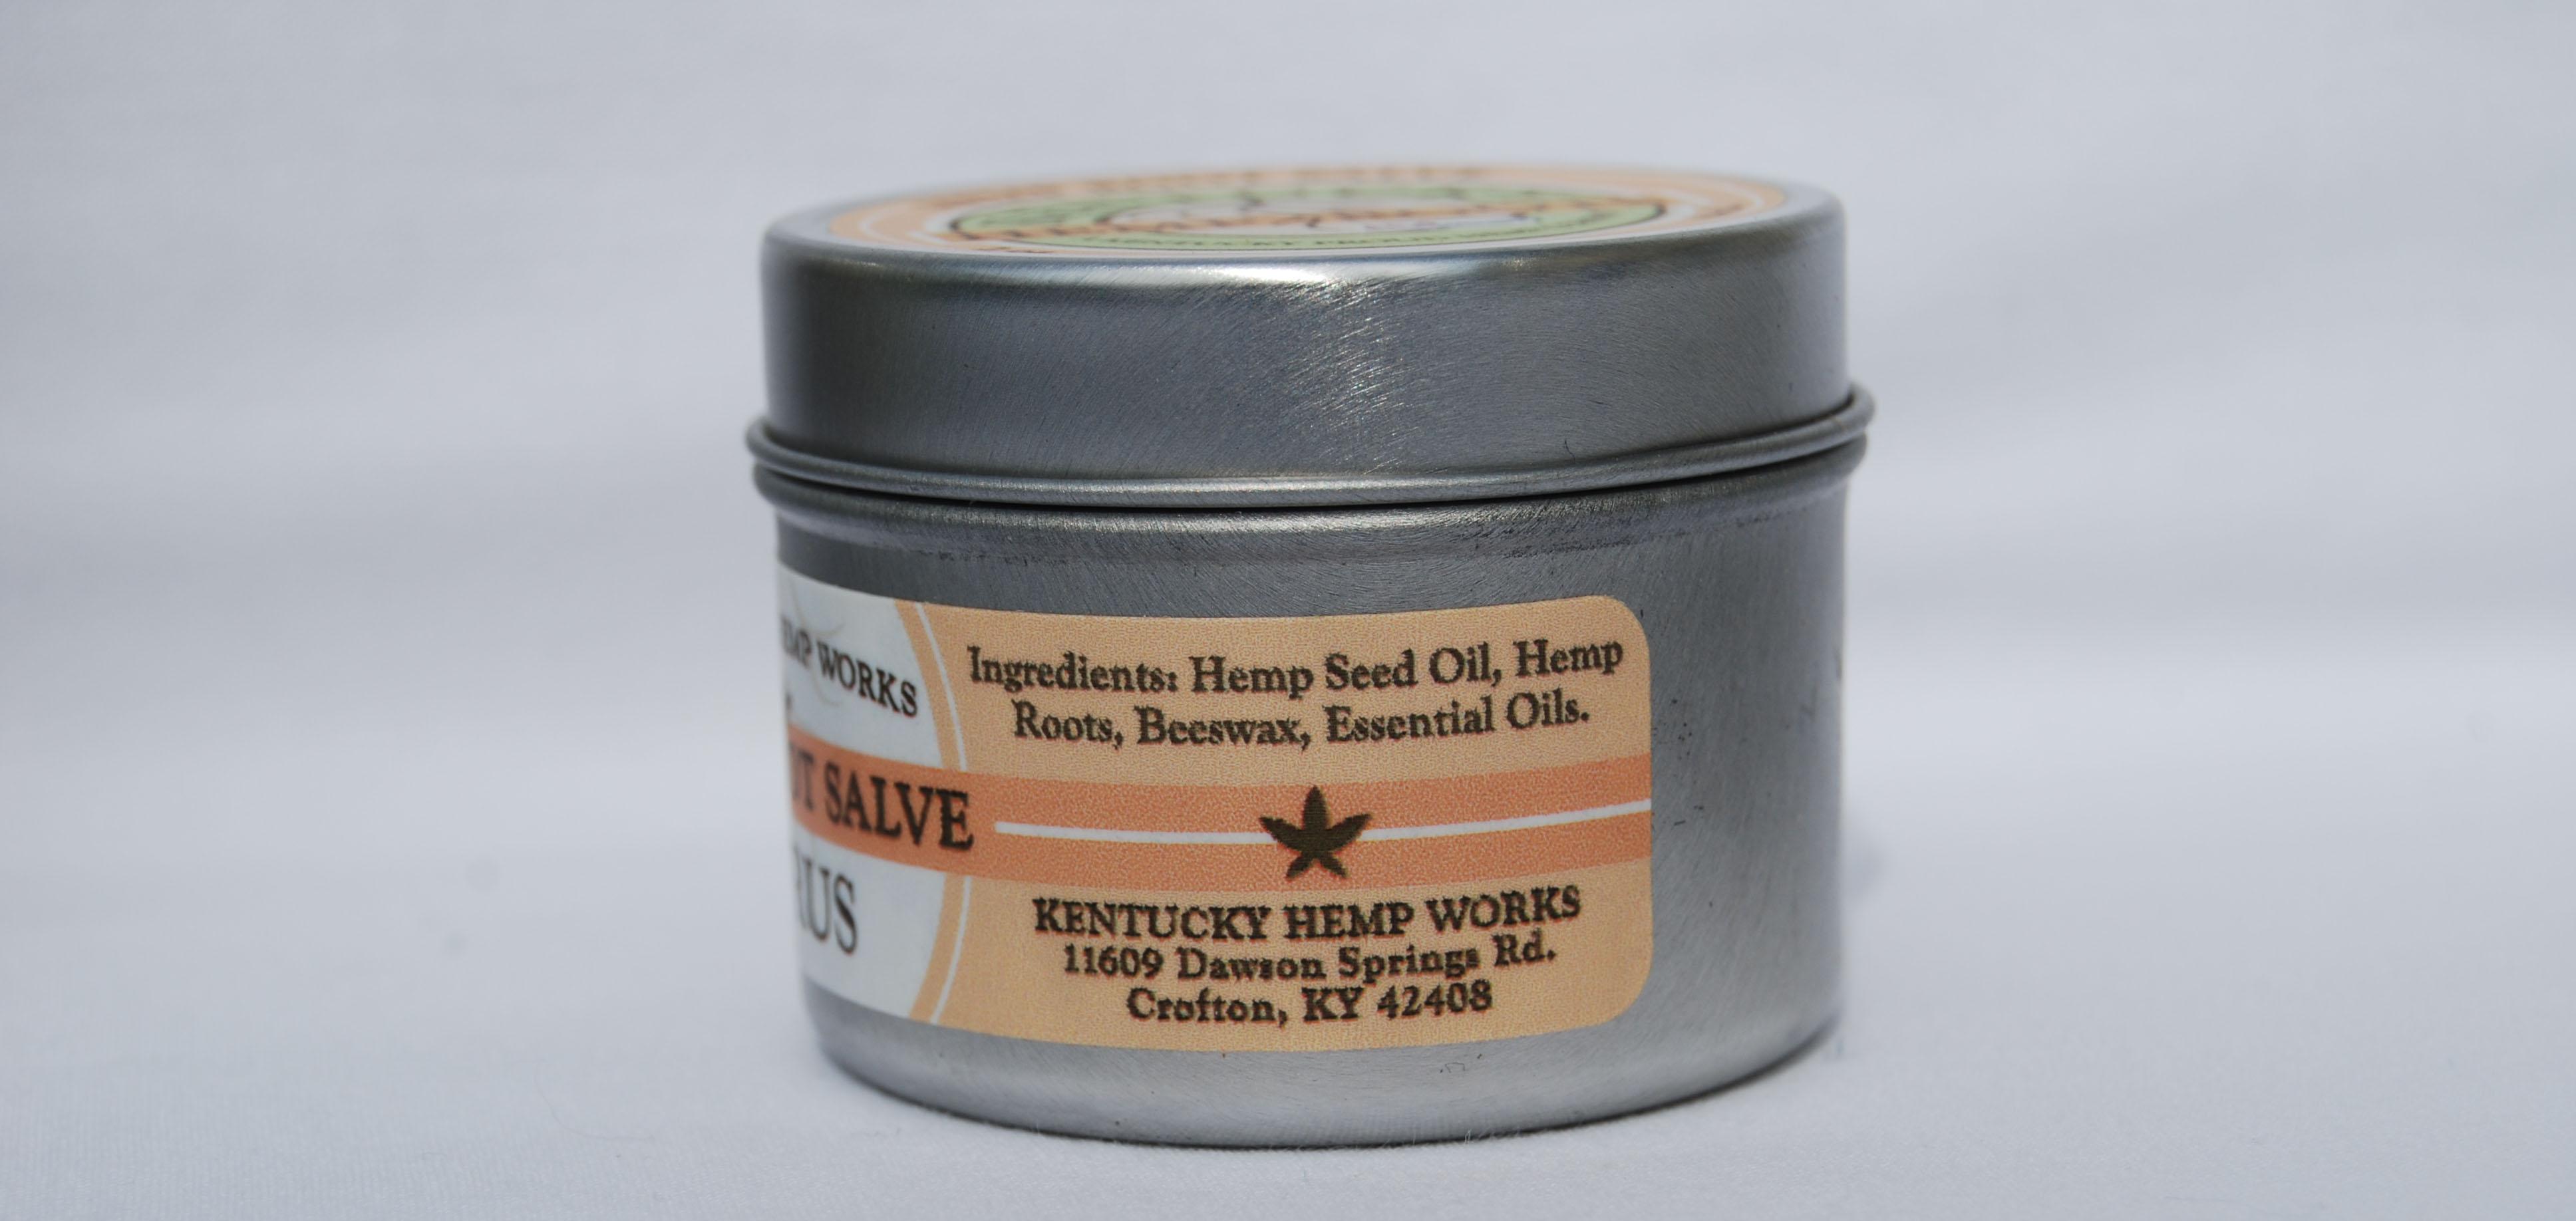 Kentucky Hemp Works - Hemp Root Citrus Salve